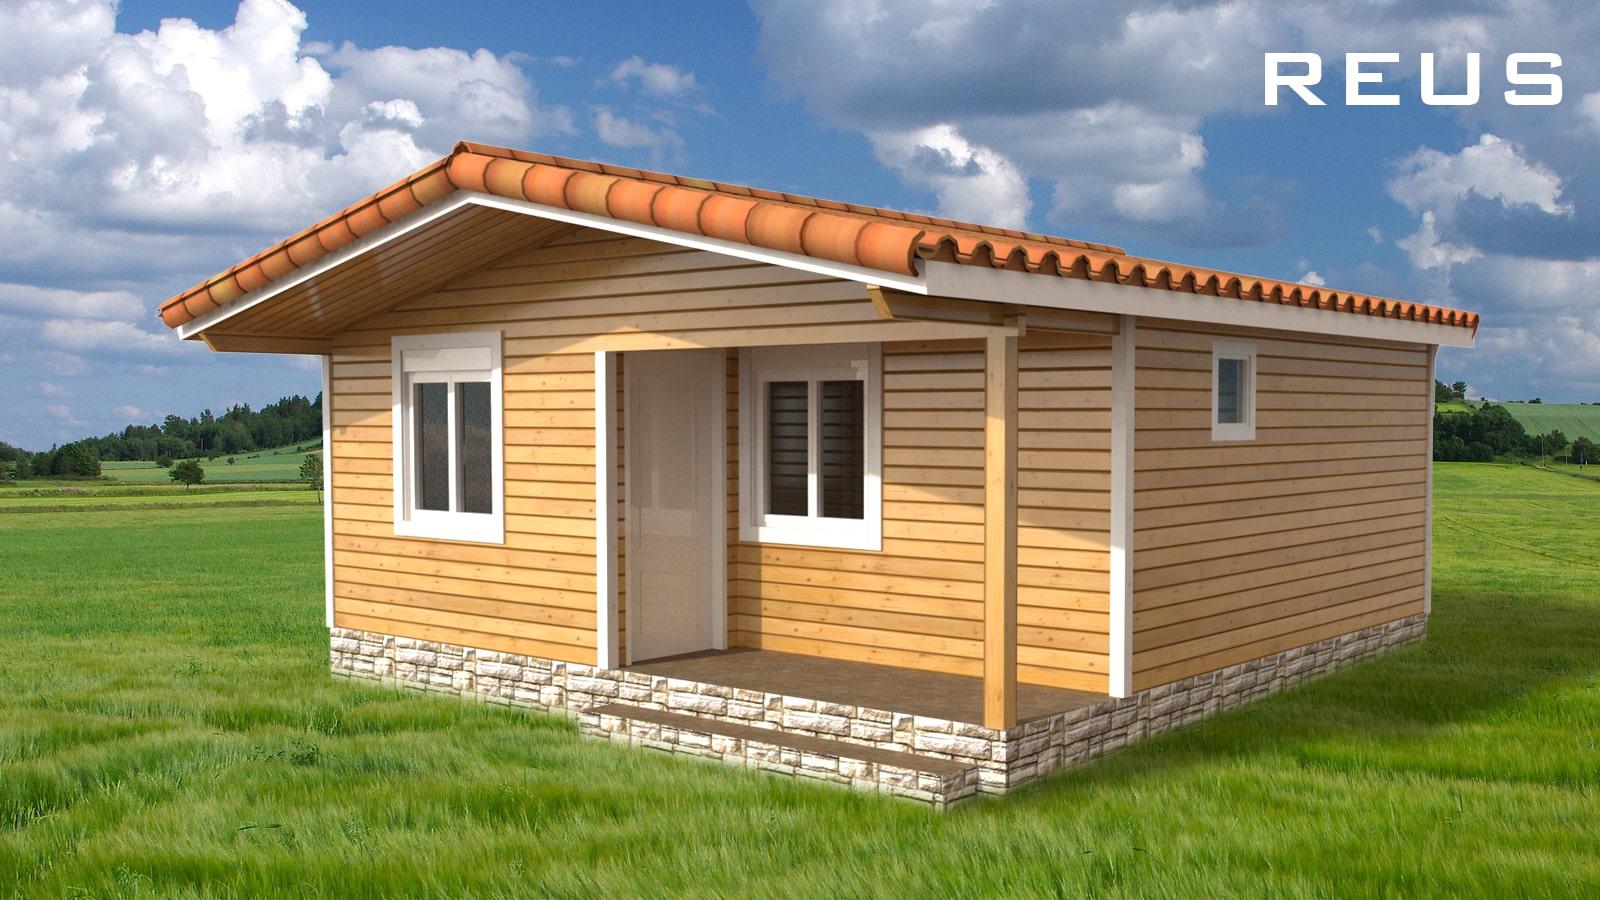 Casa de madera llave en mano modelo reus